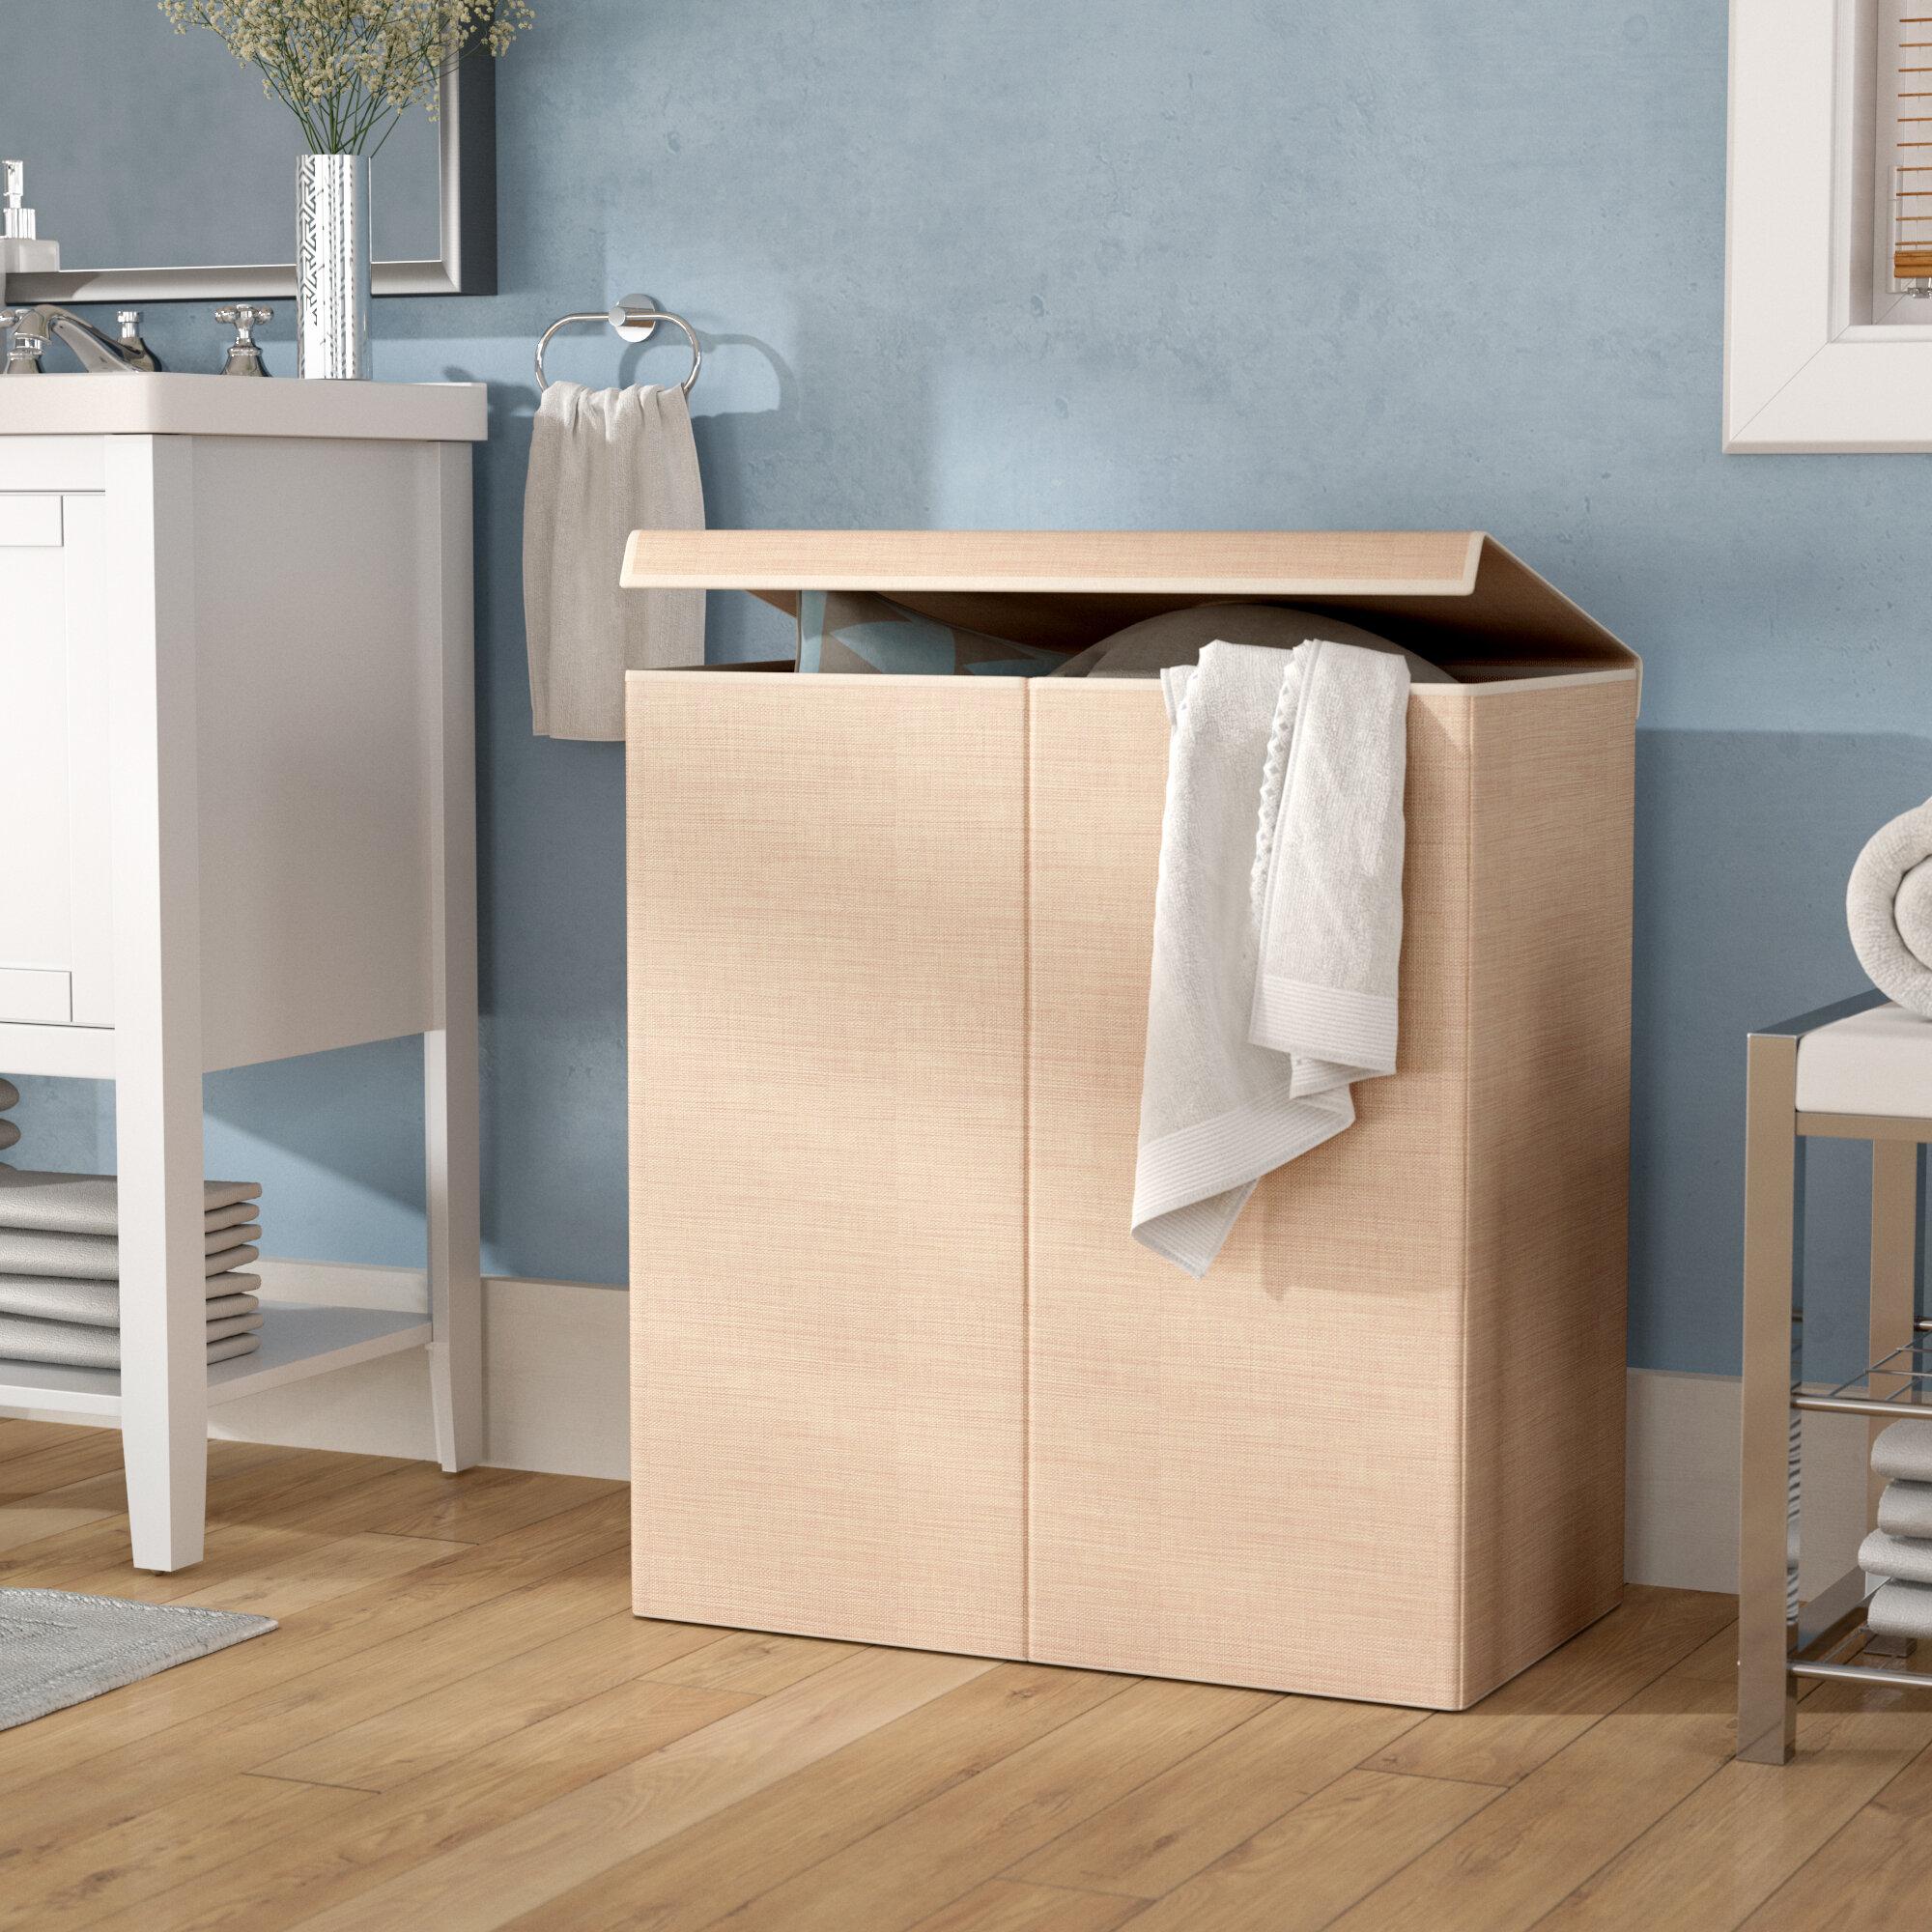 Rebrilliant Double Laundry Sorter U0026 Reviews   Wayfair